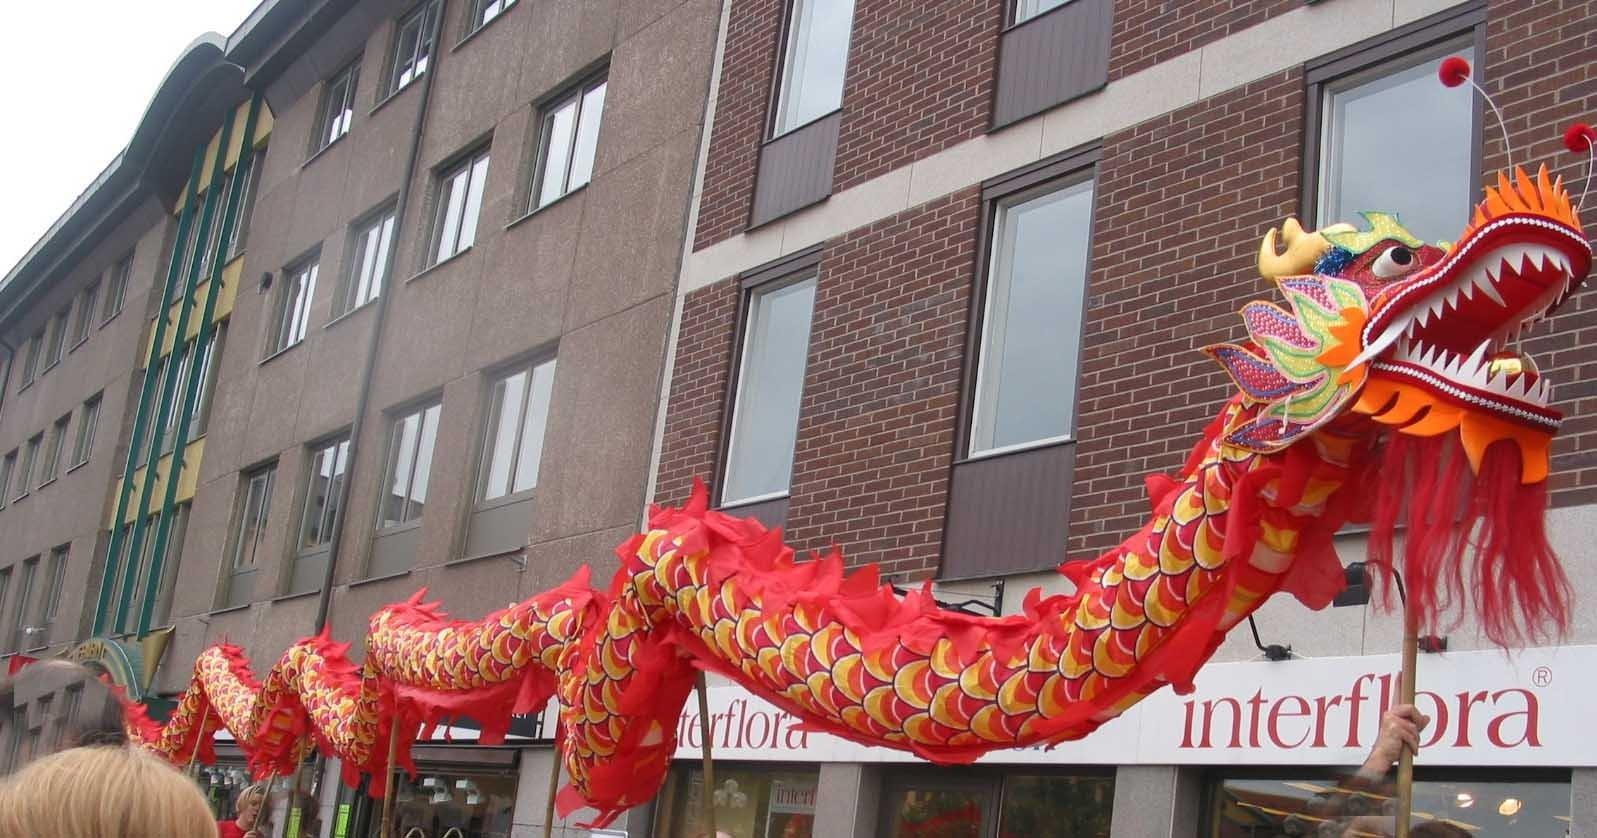 Голова дракона как сделать китайский